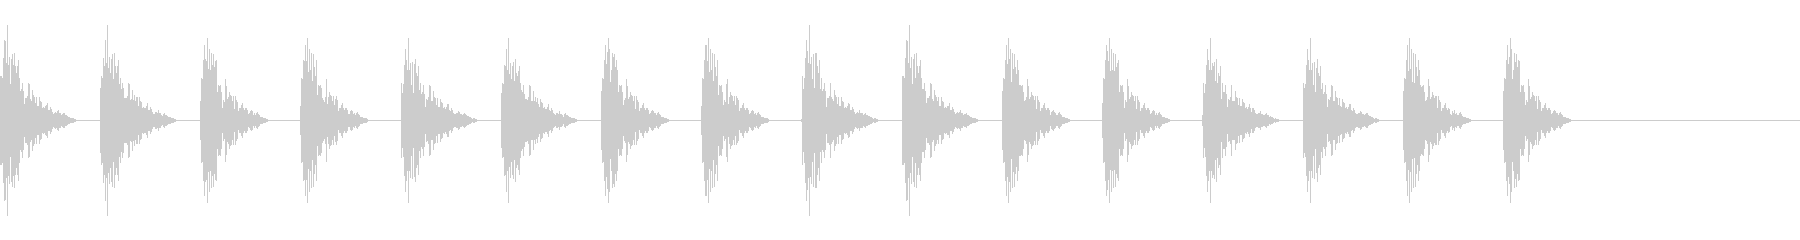 どんどん(巨人、速歩き)A24の未再生の波形